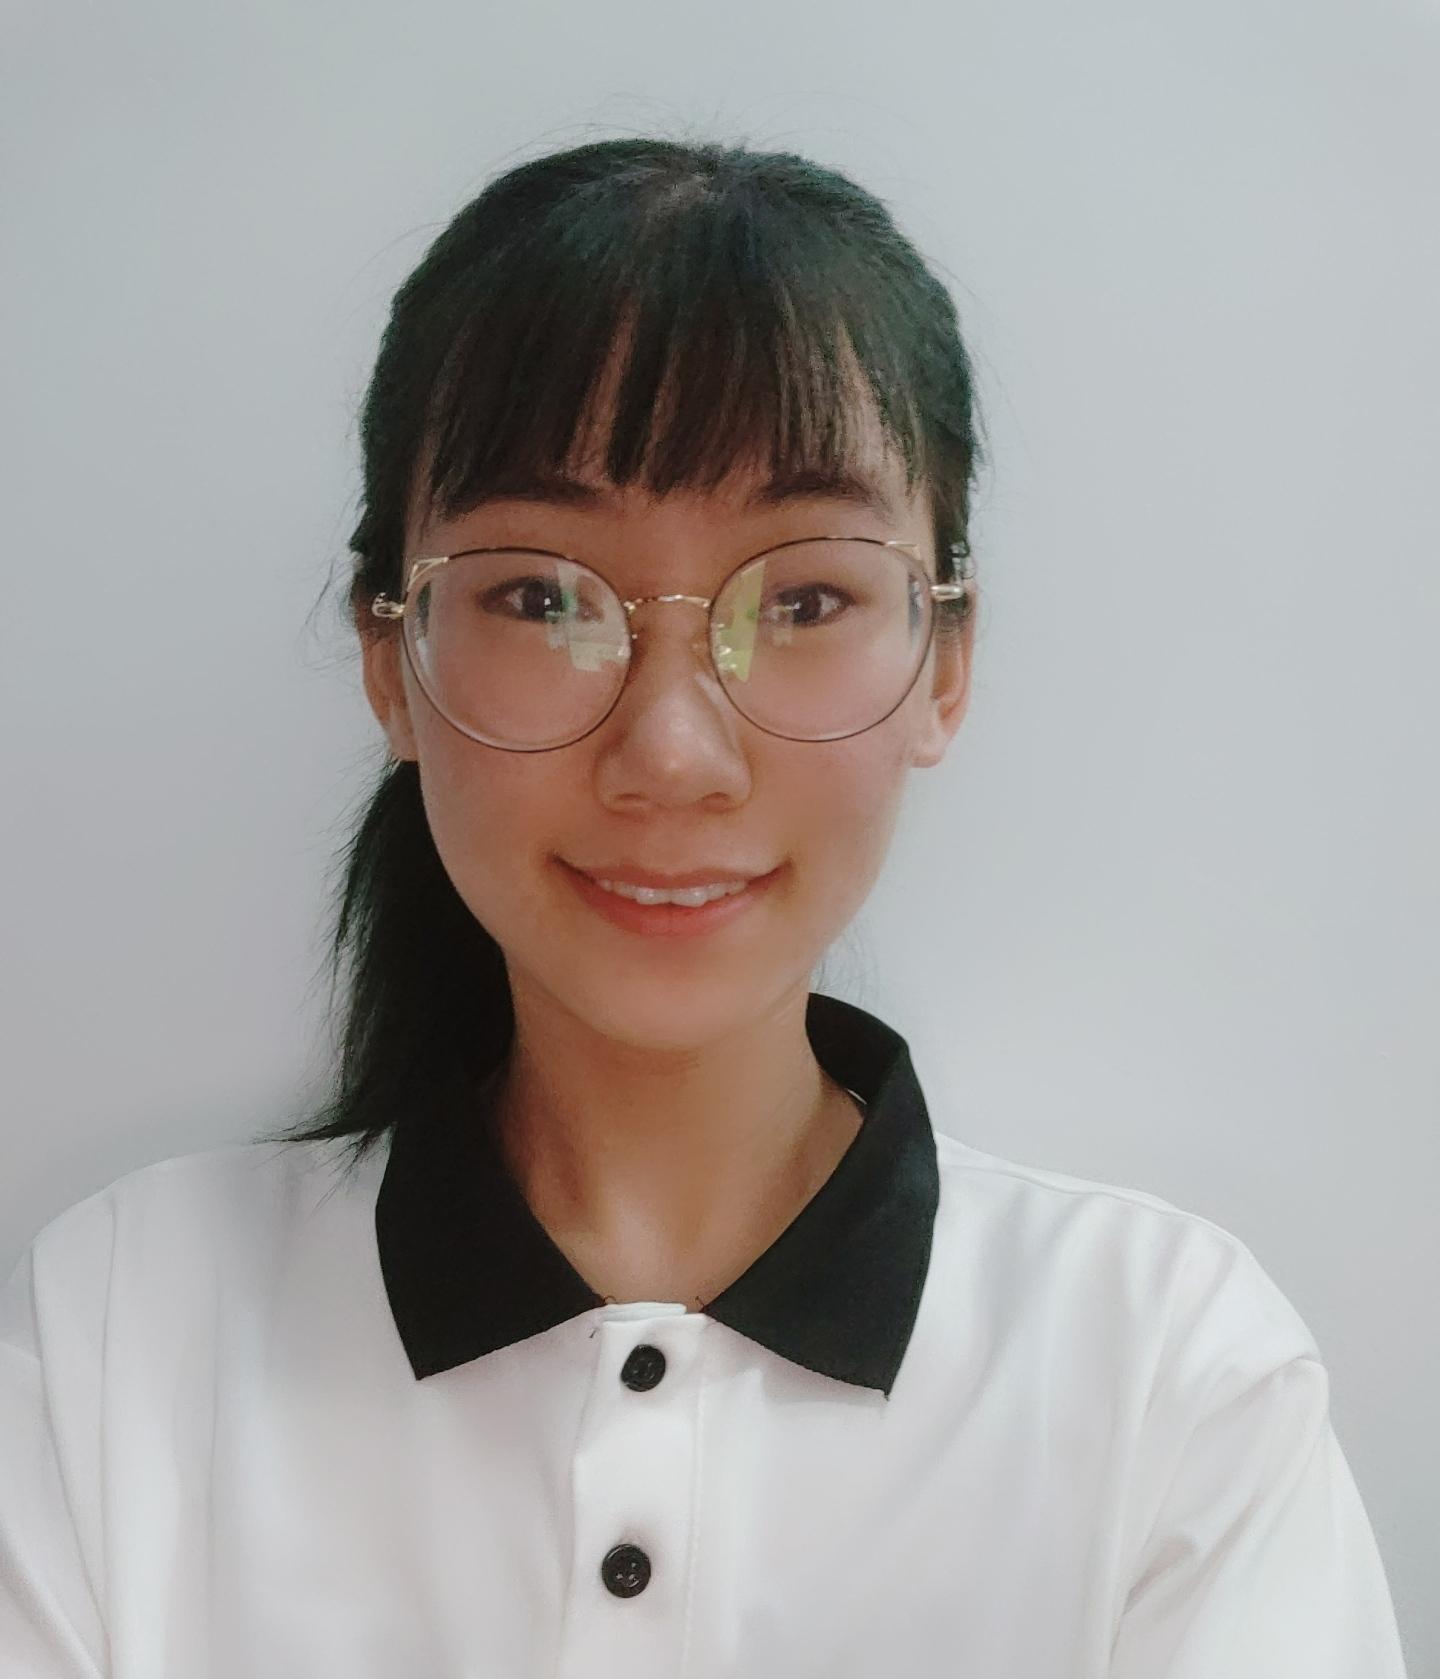 宁波家教朱教员